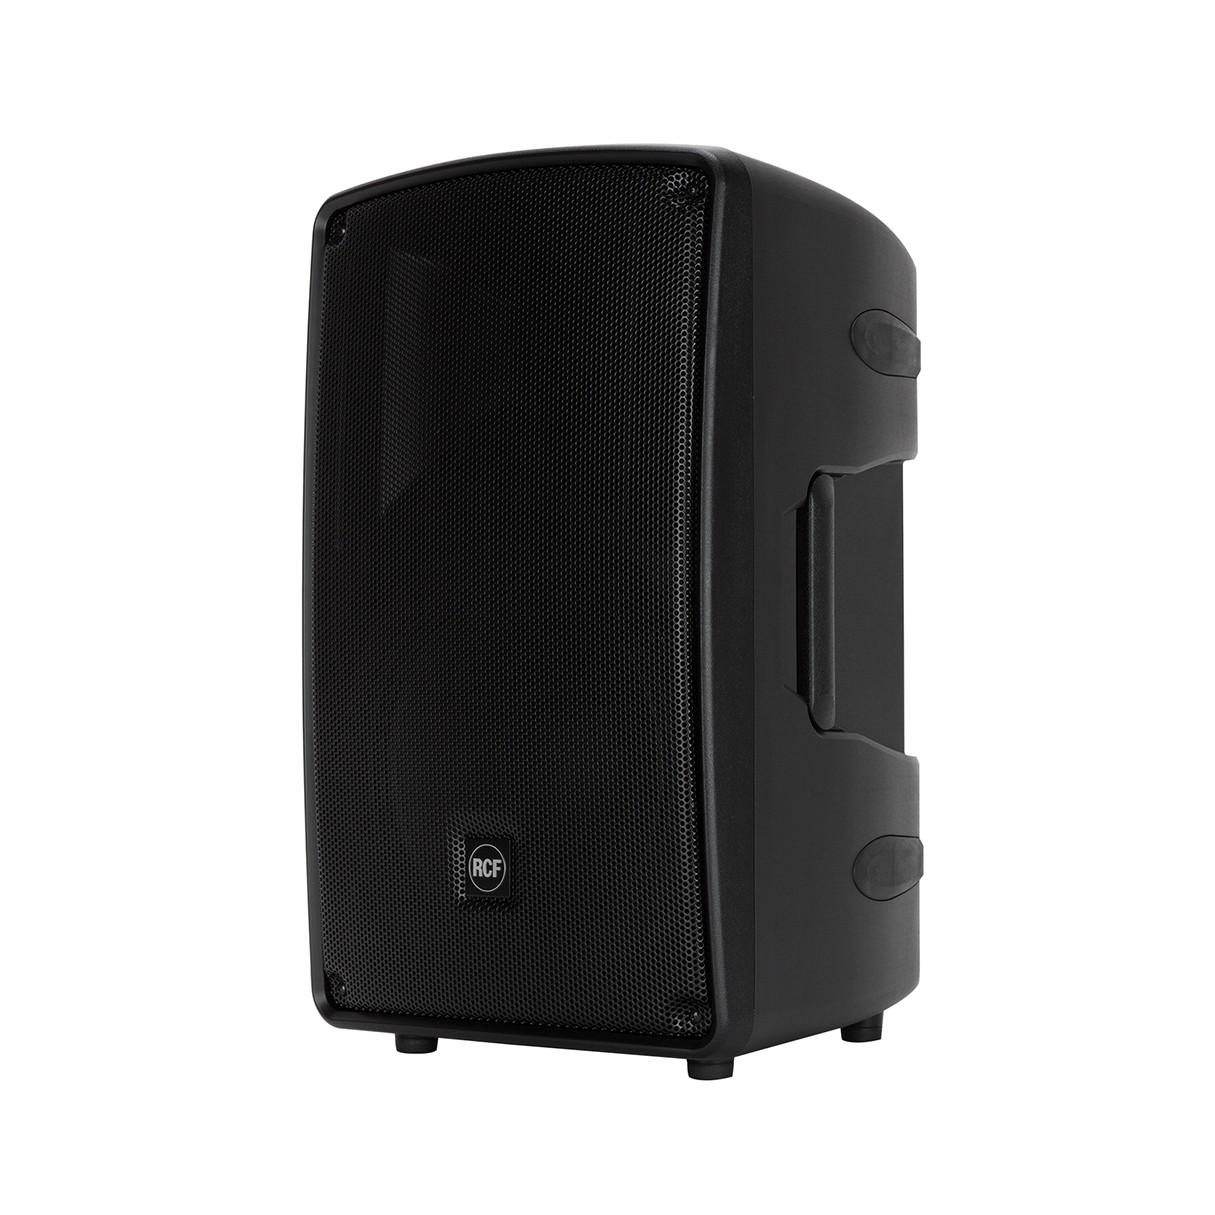 2x RCF HD 32-A MK4 + RCF SUB 8003-AS II